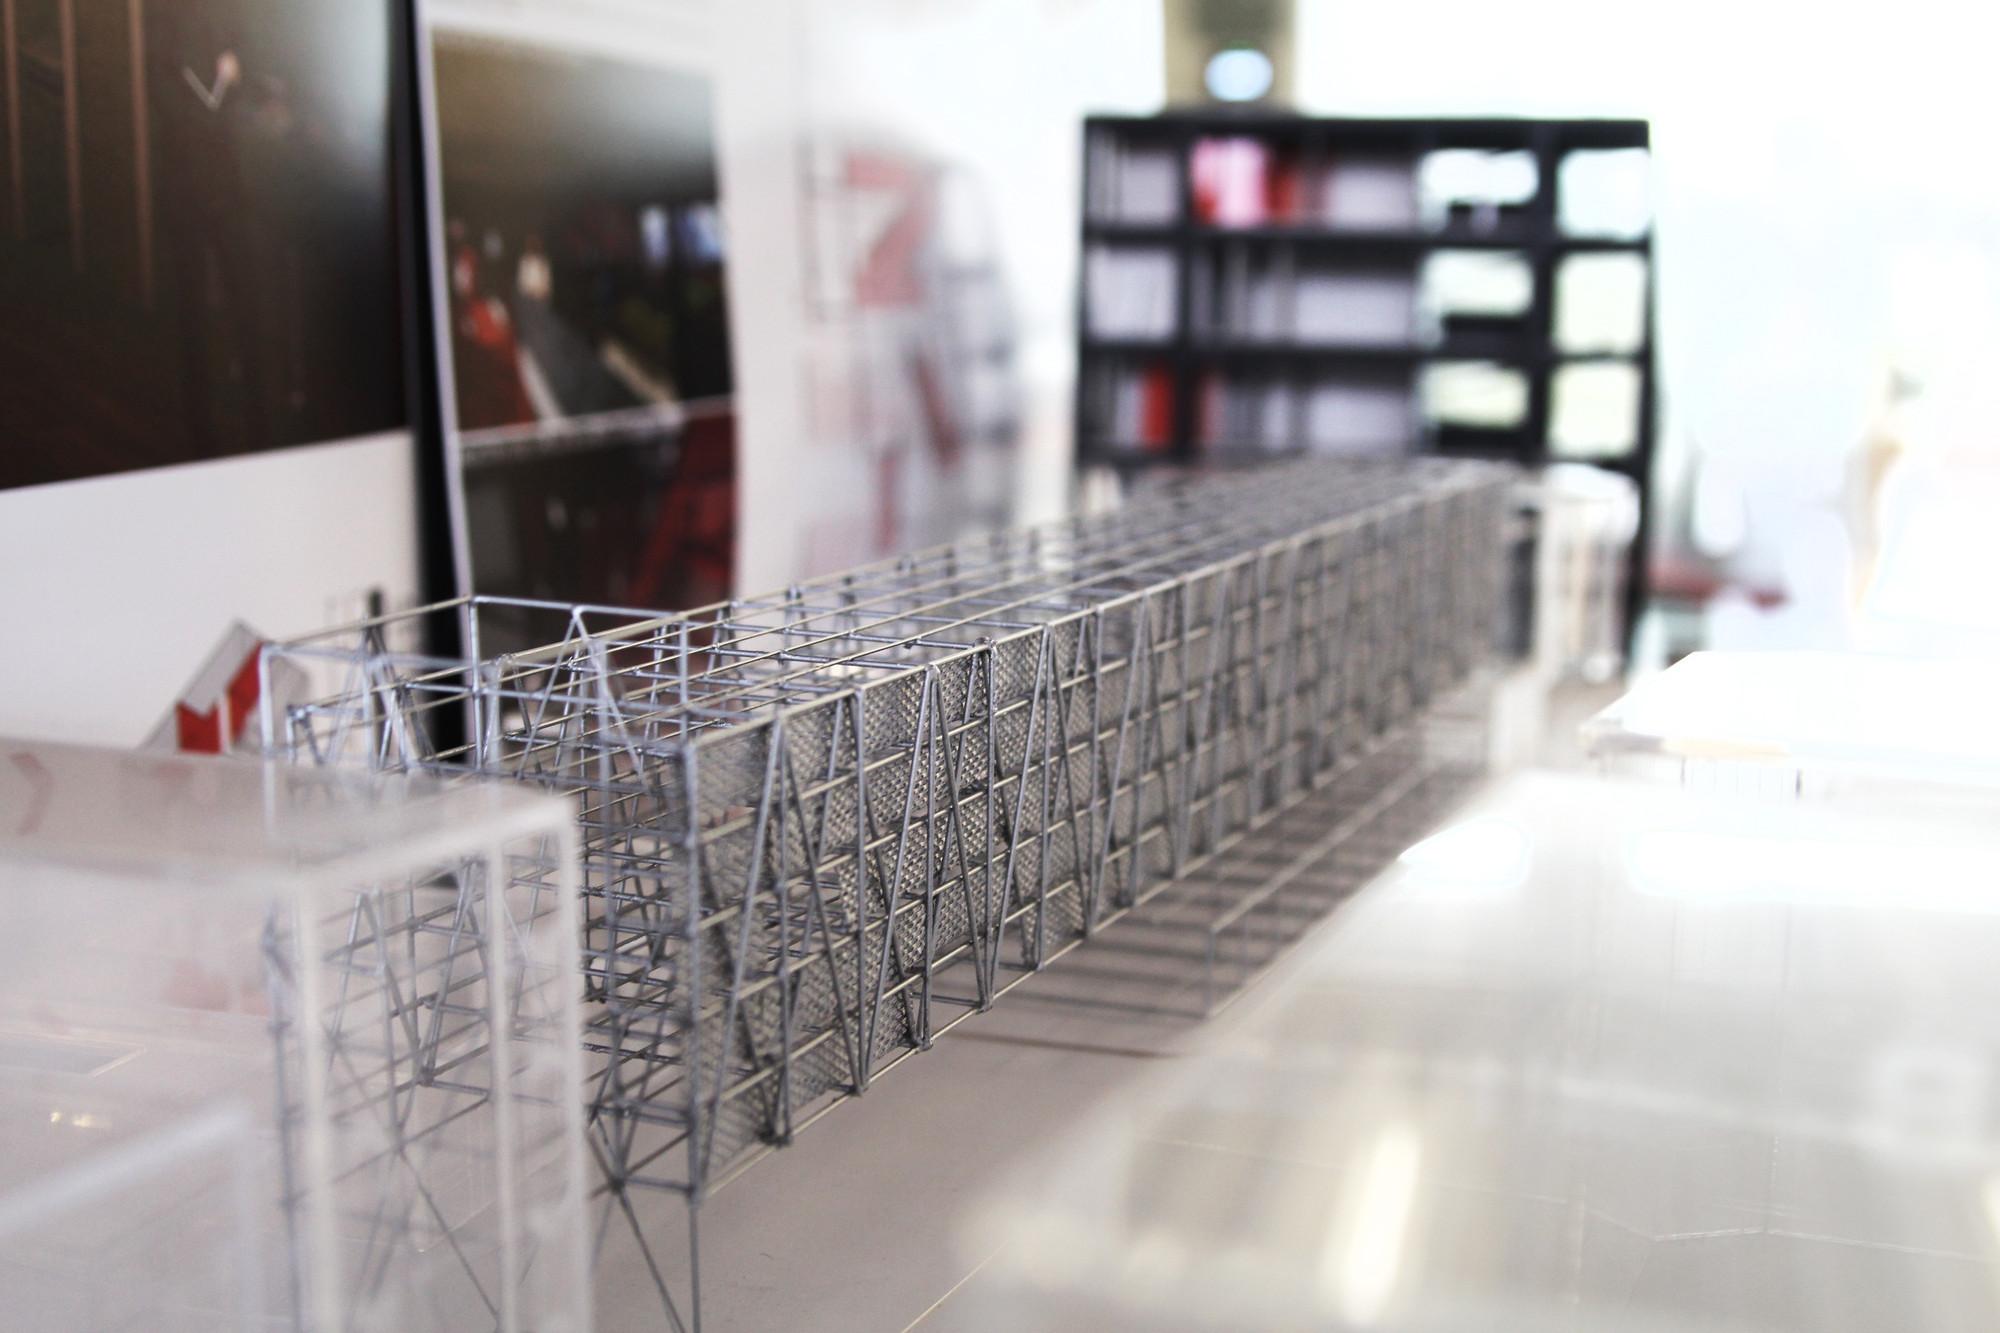 Resultados XXVIII Concurso CAP 2014, Primer Lugar. Image © Equipo PARQ